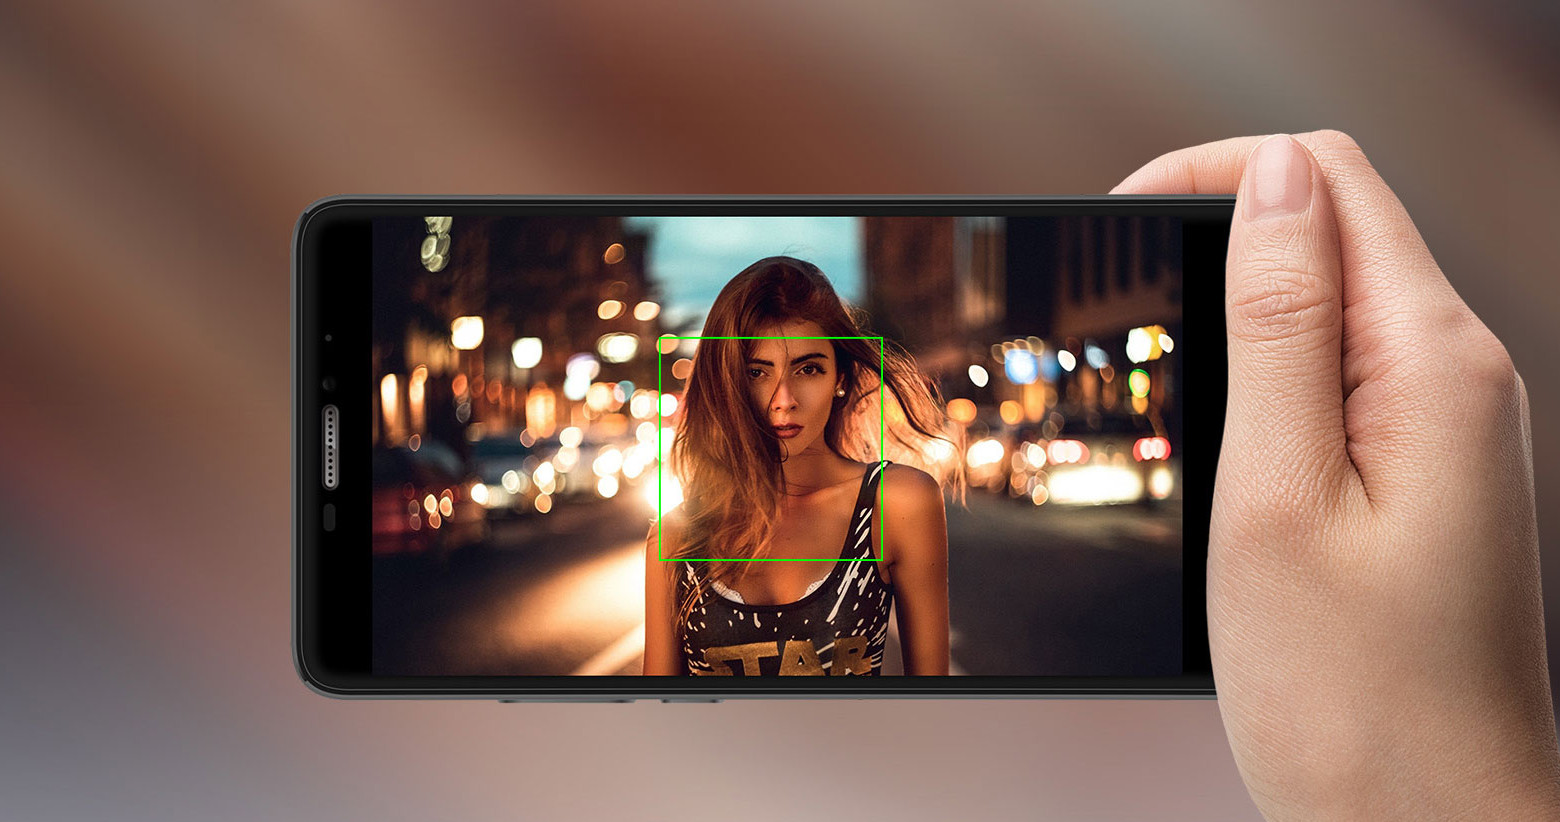 Bluboo Dual 4G Phablet е устройство от категорията фаблети с голям 5,5-инчов екран